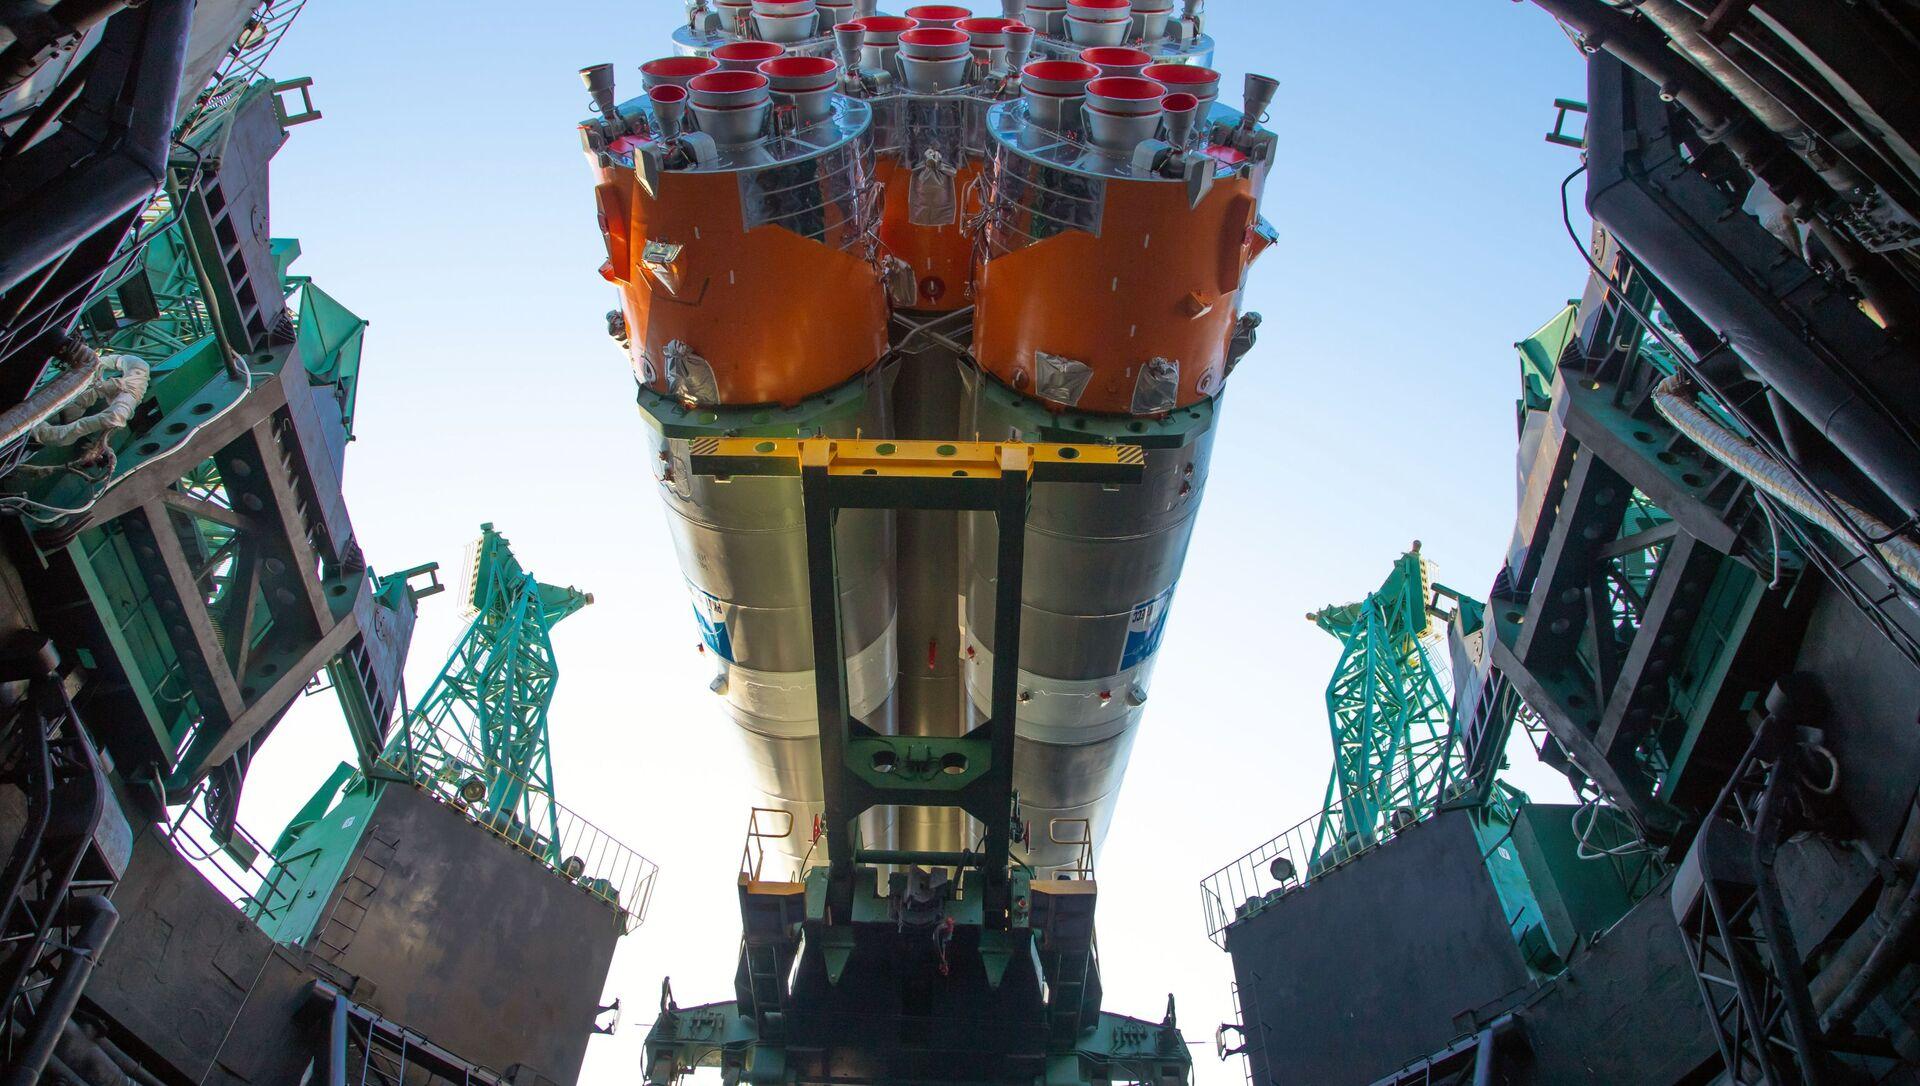 Pierwszy rosyjski satelita Arktika-M do monitorowania klimatu i środowiska w regionie arktycznym został wyniesiony na orbitę przez rakietę nośną Sputnik-2.16 z kosmodromu Bajkonur w Kazachstanie.  - Sputnik Polska, 1920, 28.02.2021